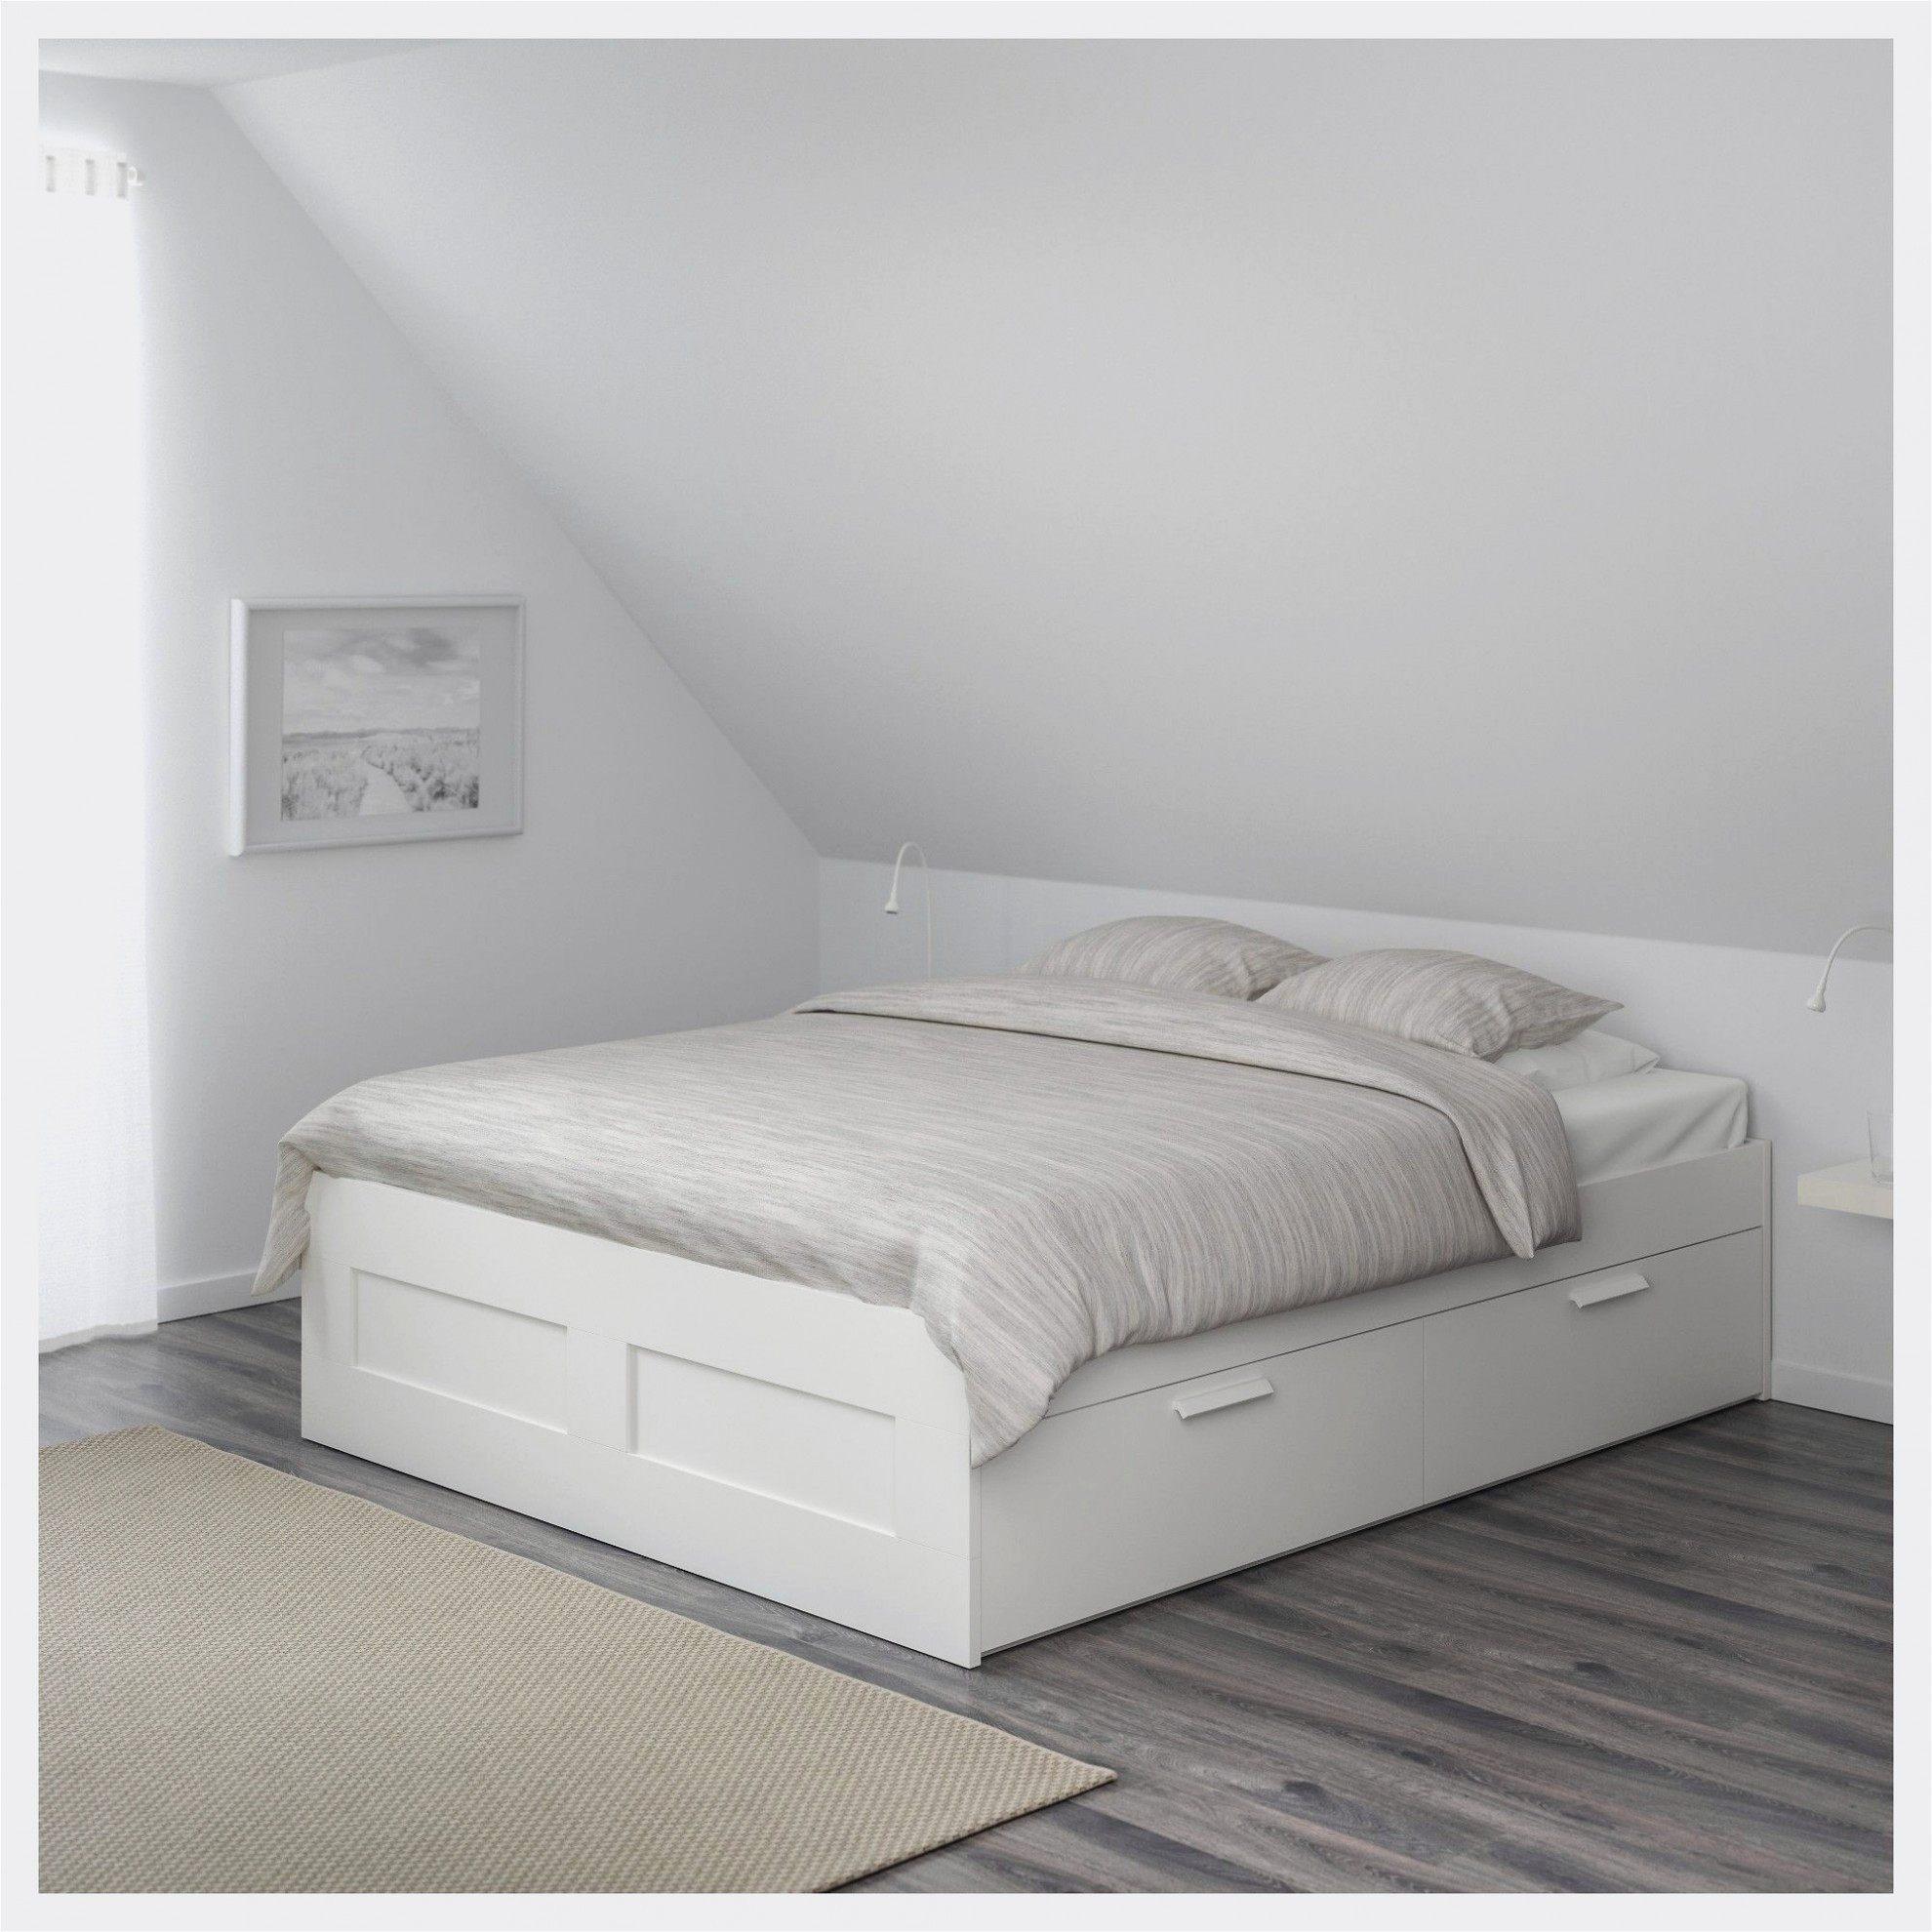 Tete De Lit Cabane Inspirant Tete De Lit Rangement 160 Ikea Tete De Lit 160 Meilleur De Image